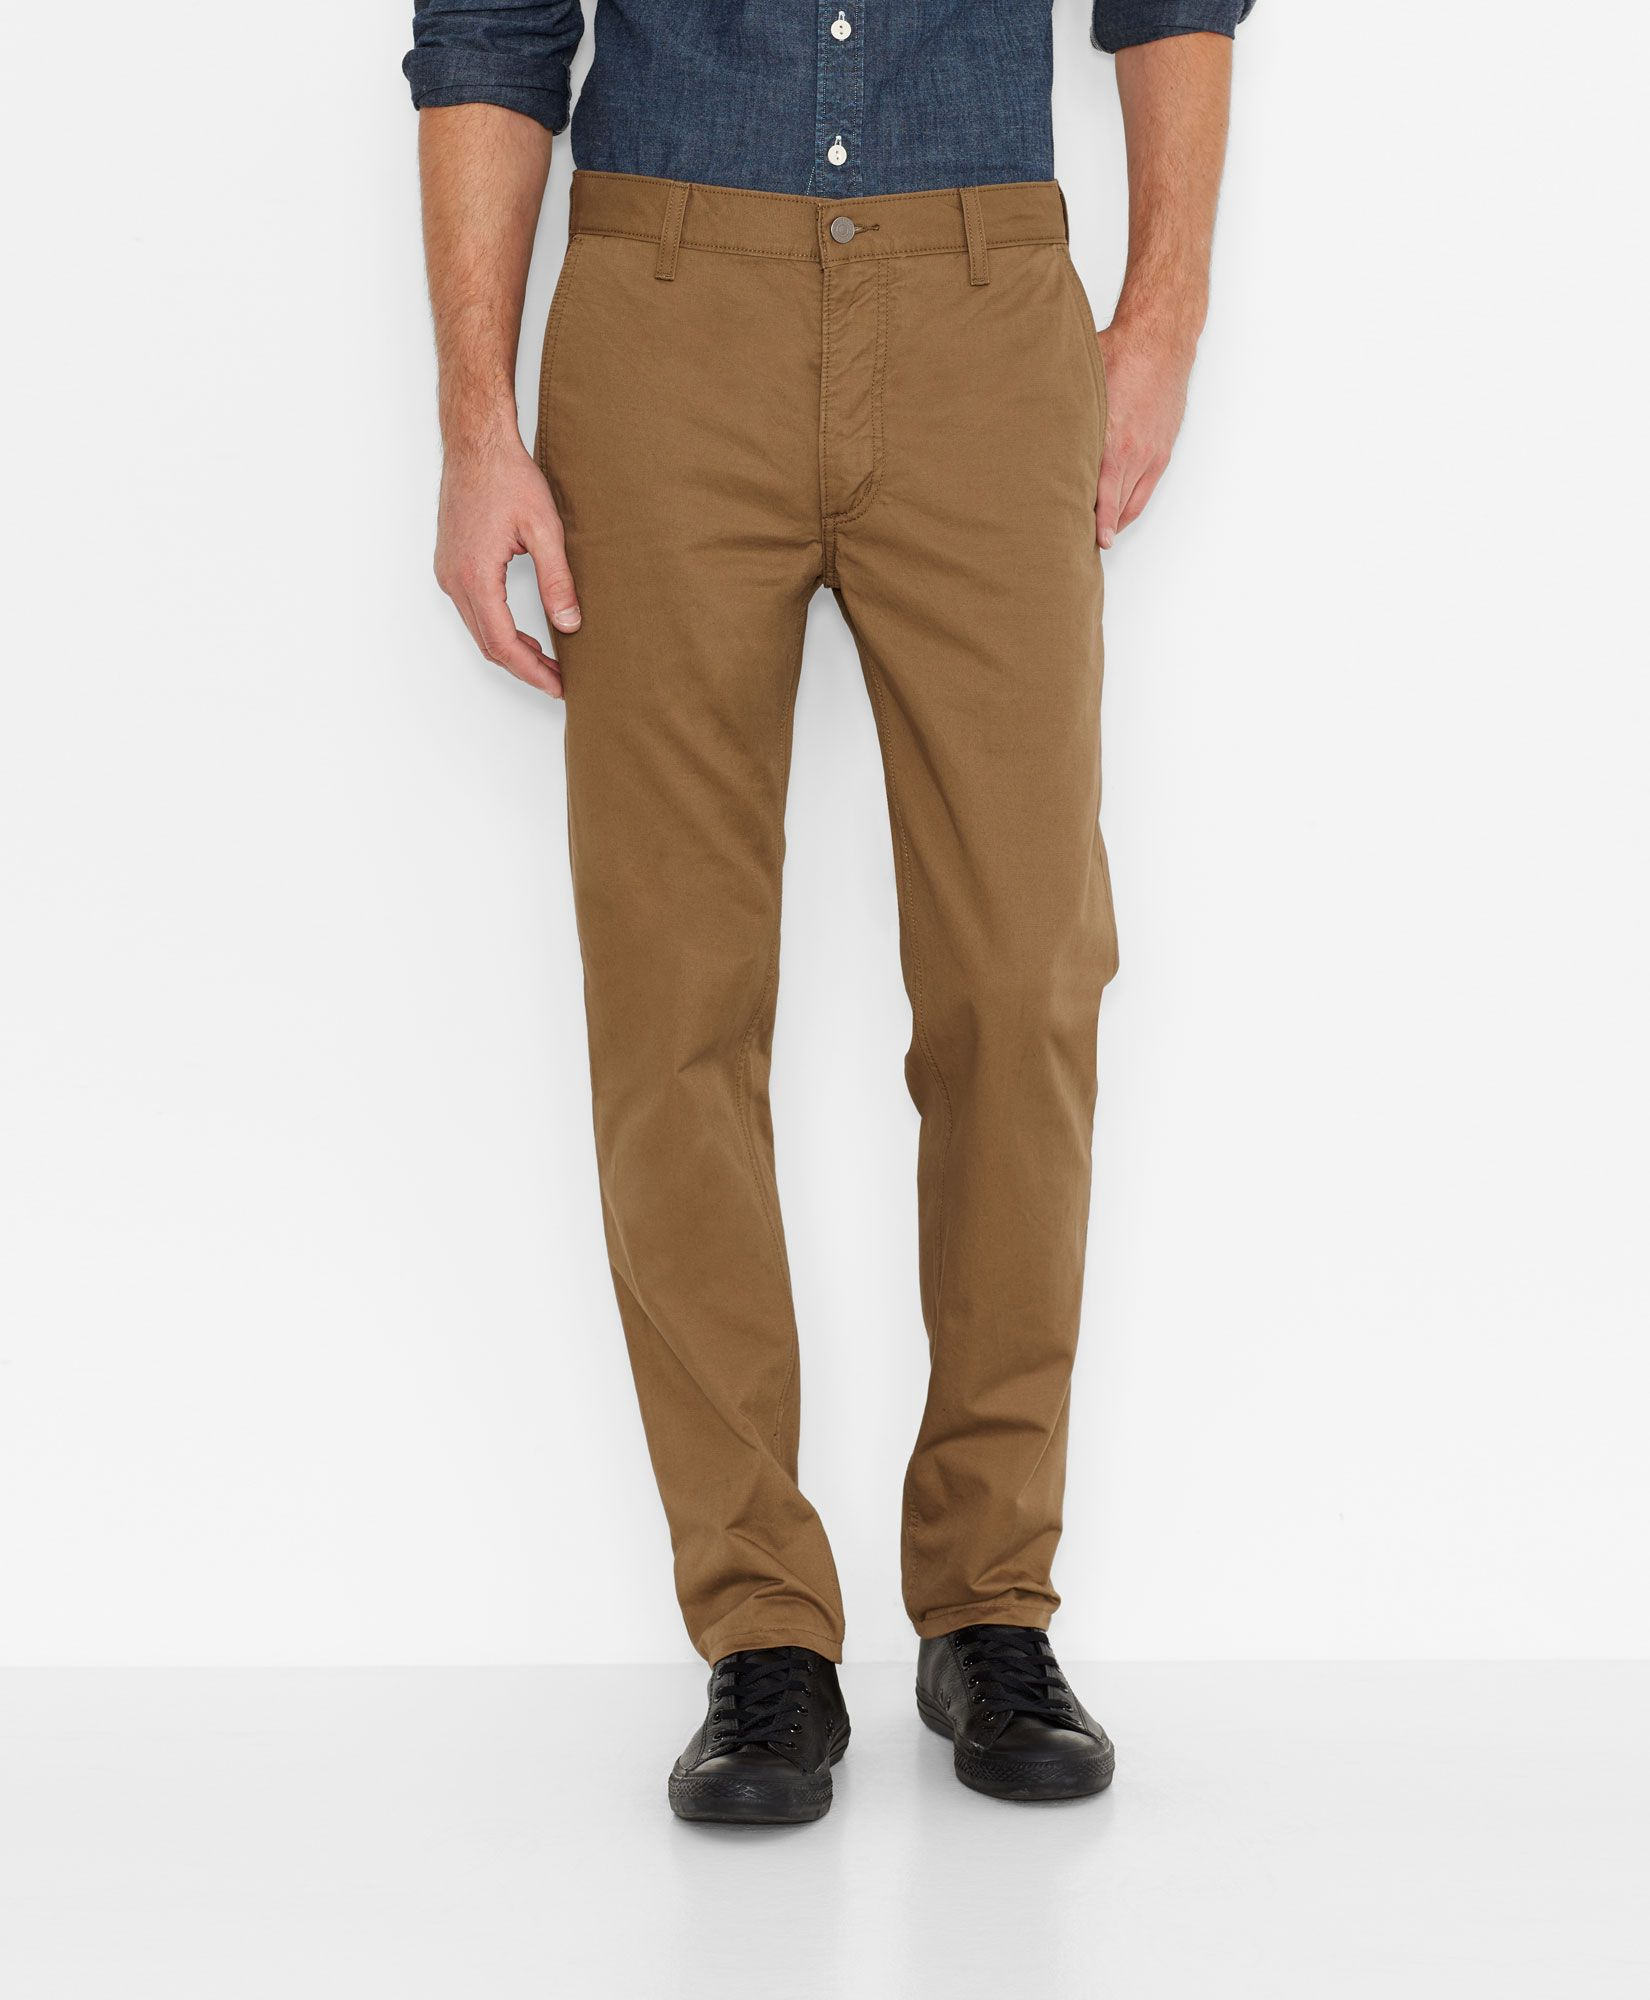 511 slim fit hybrid trousers black jeans men khaki